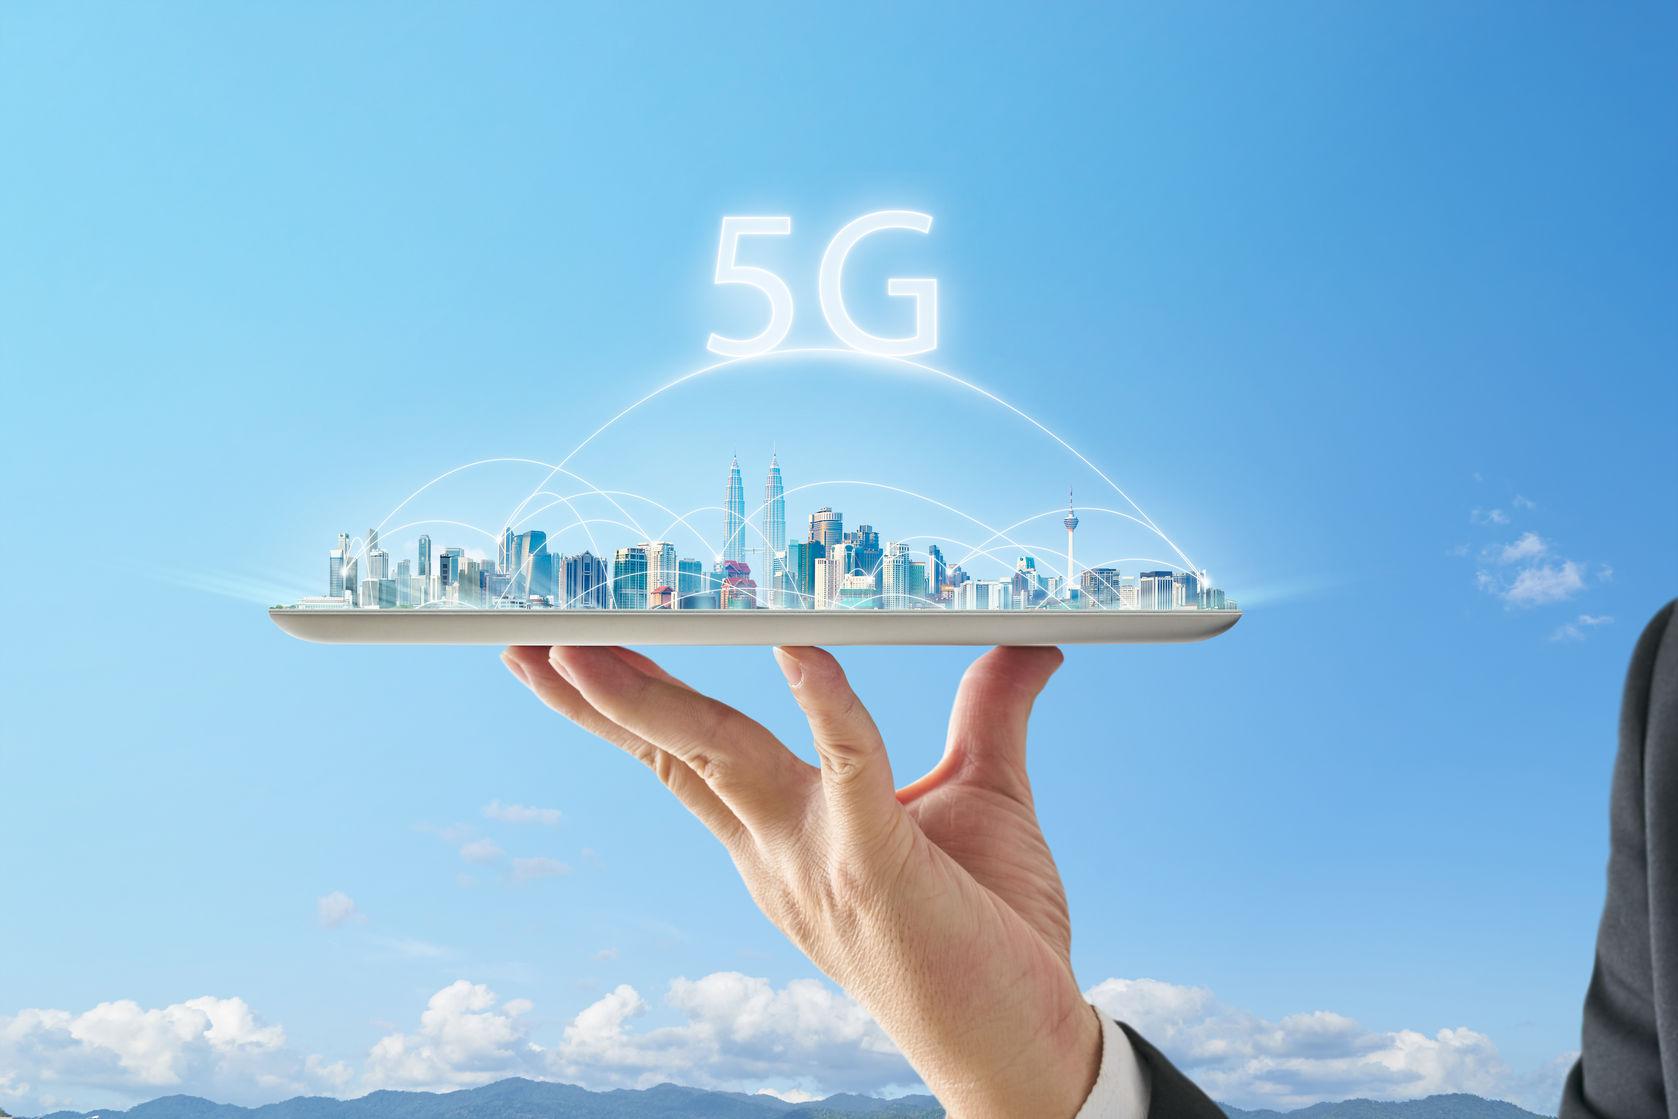 天和防務17億投建5G通訊產業園項目